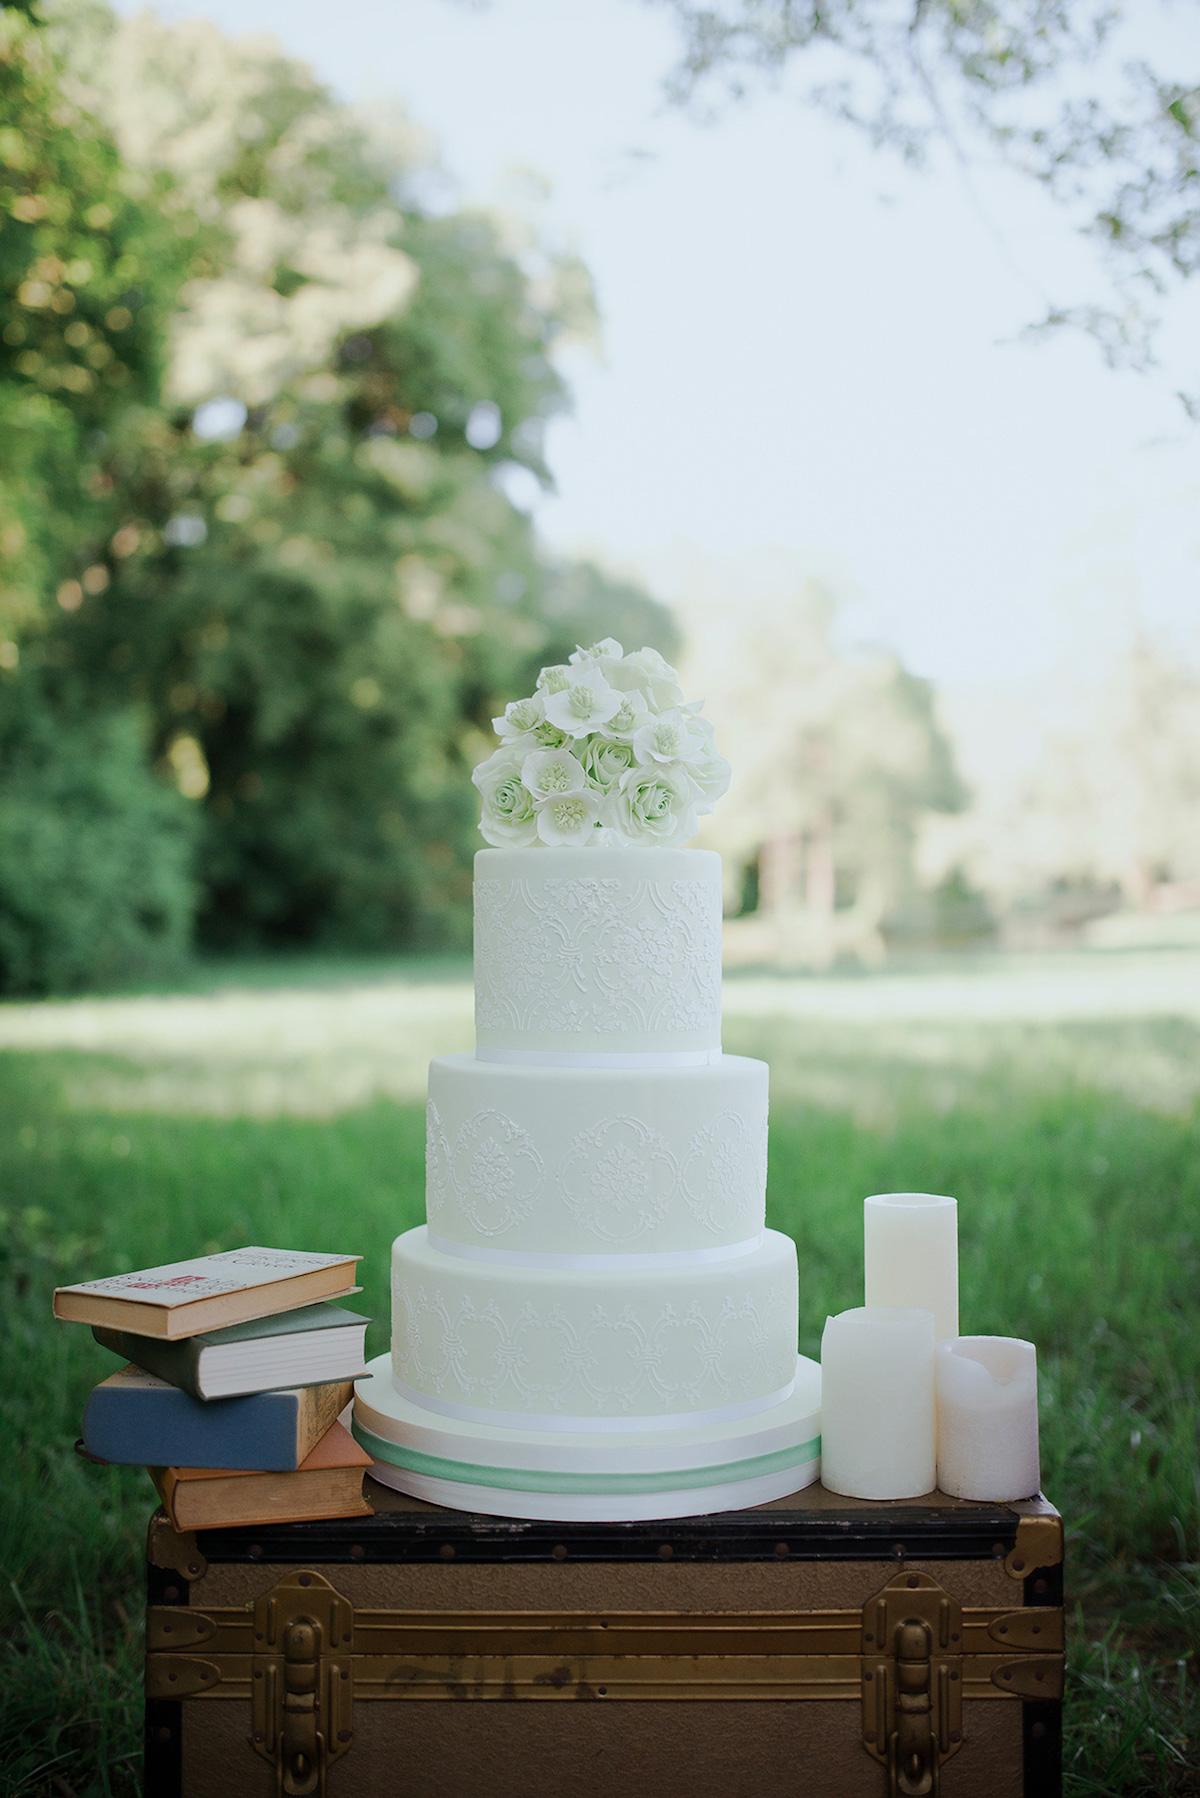 wedding cake bianca e verde